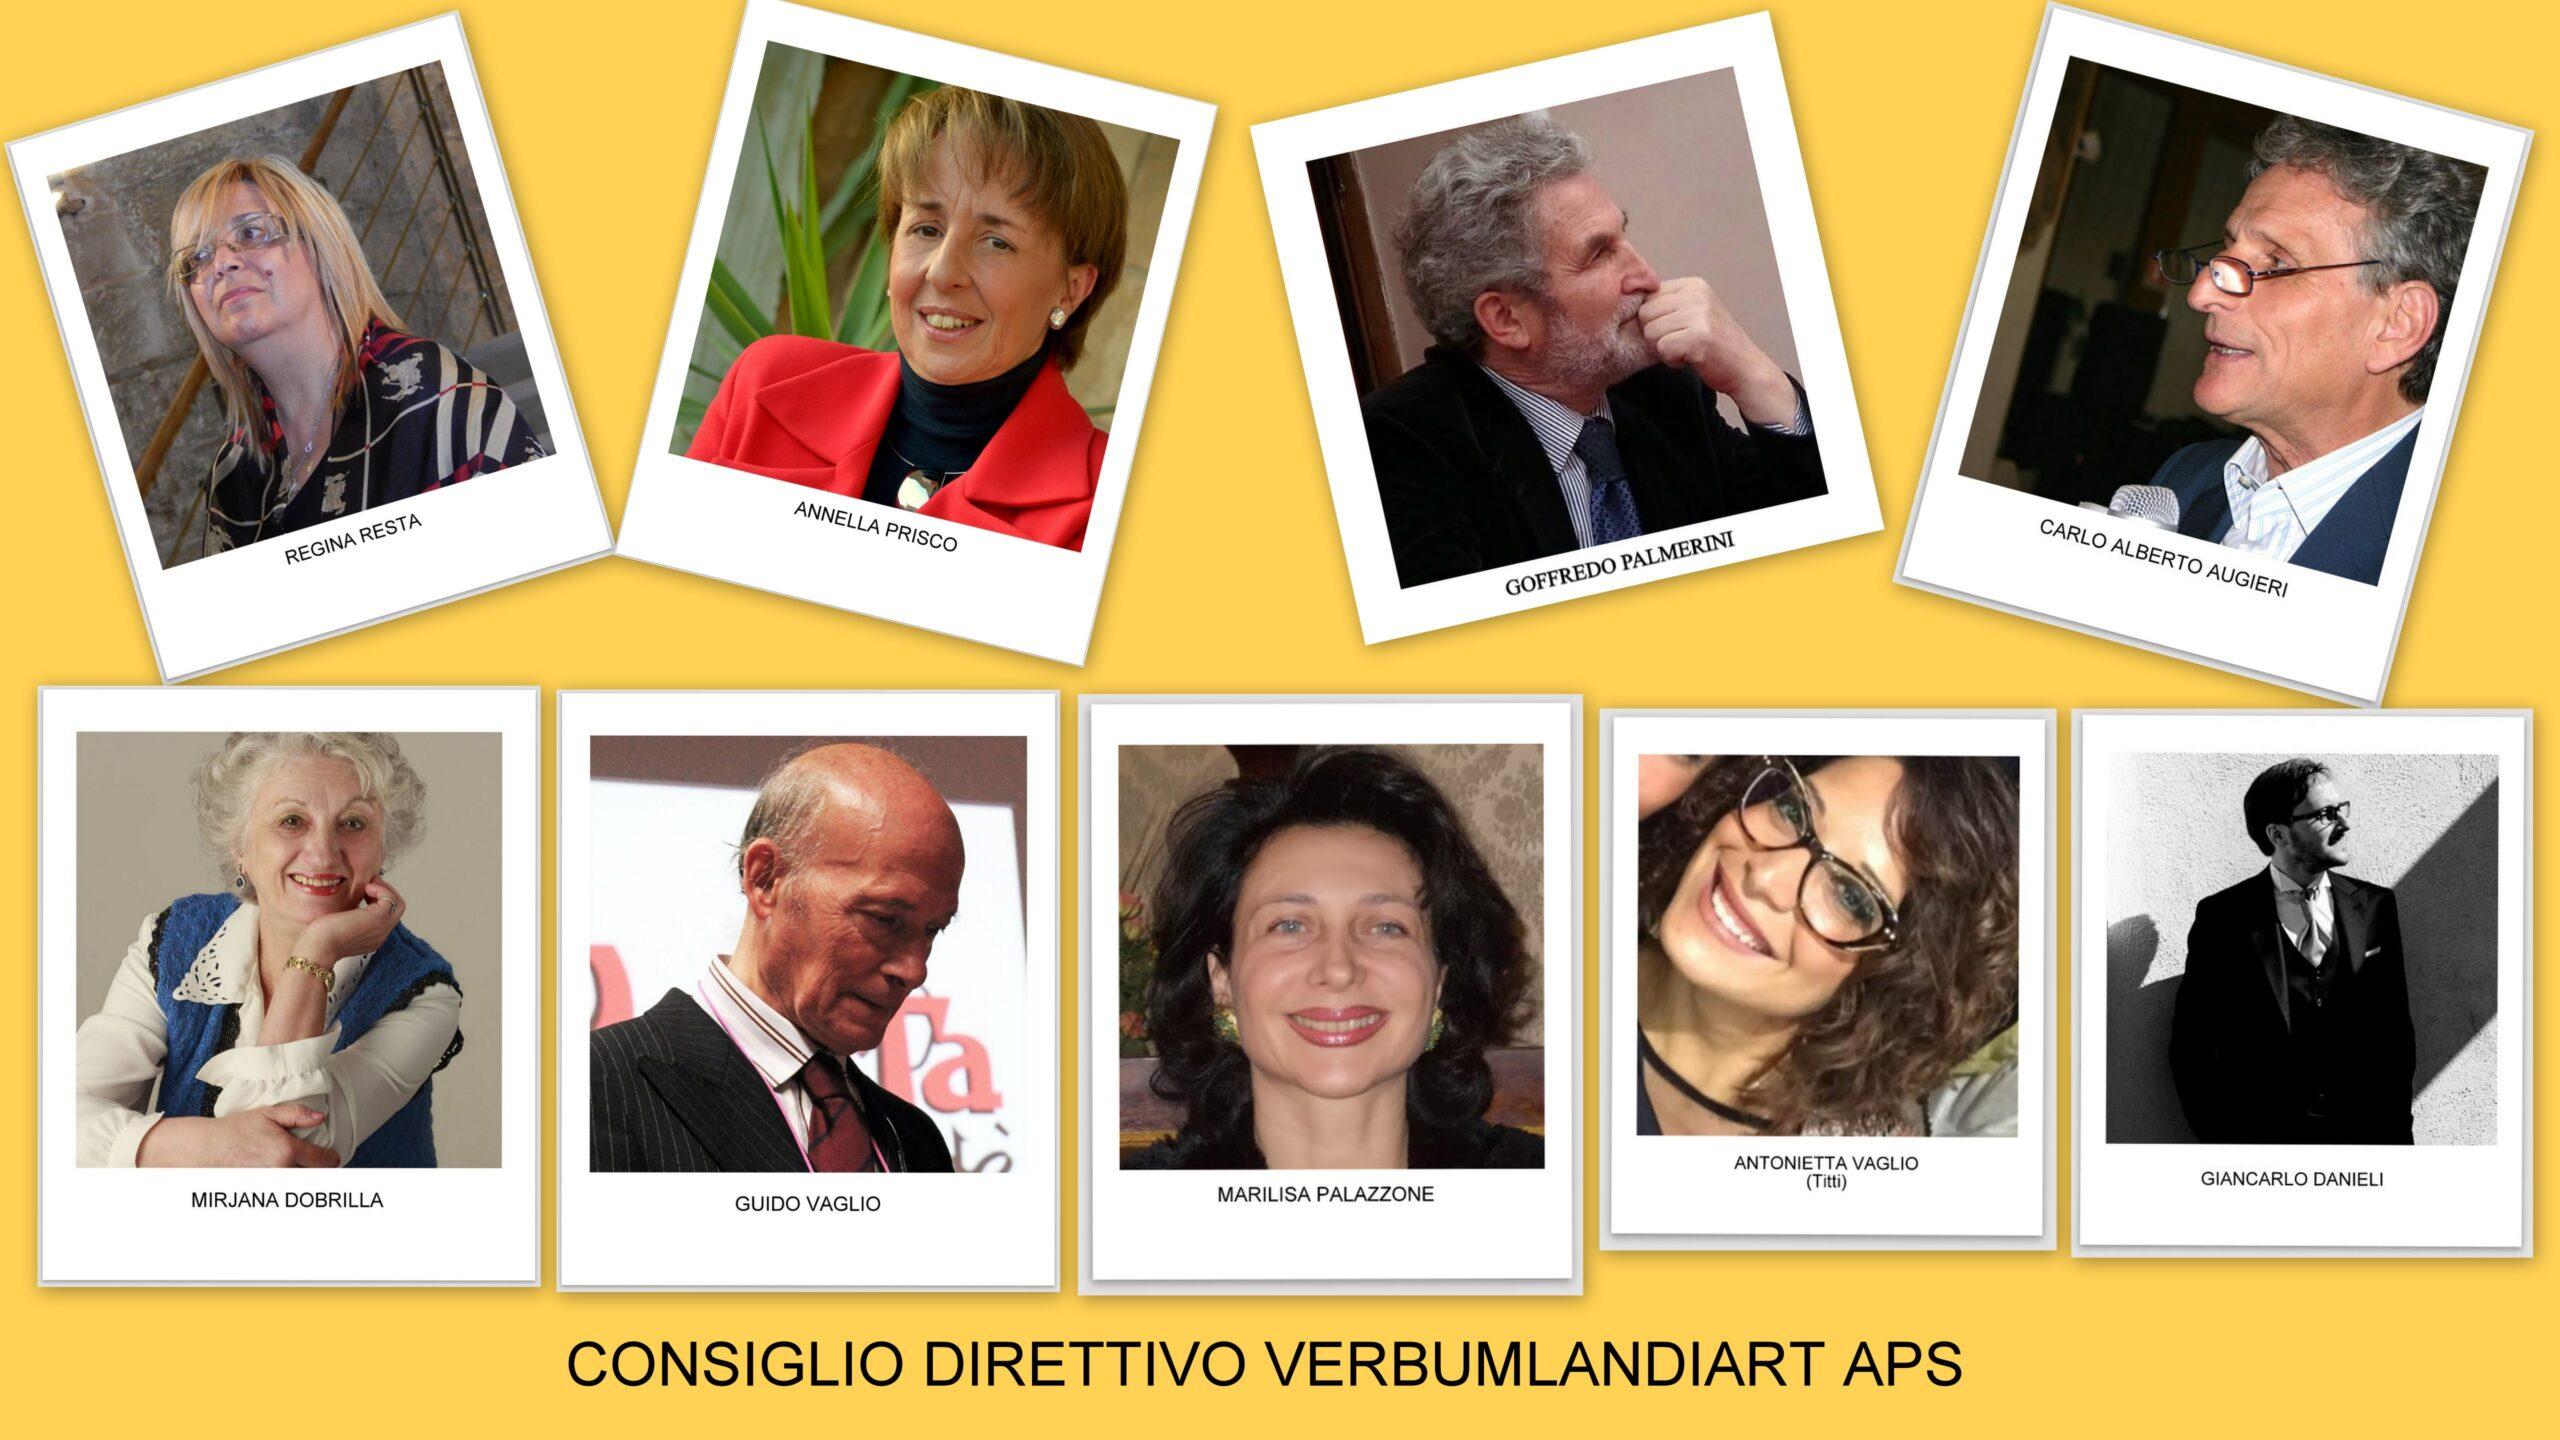 8 ANNI DI INTENSA ATTIVITA' PER VERBUMLANDIART APS – Goffredo Palmerini